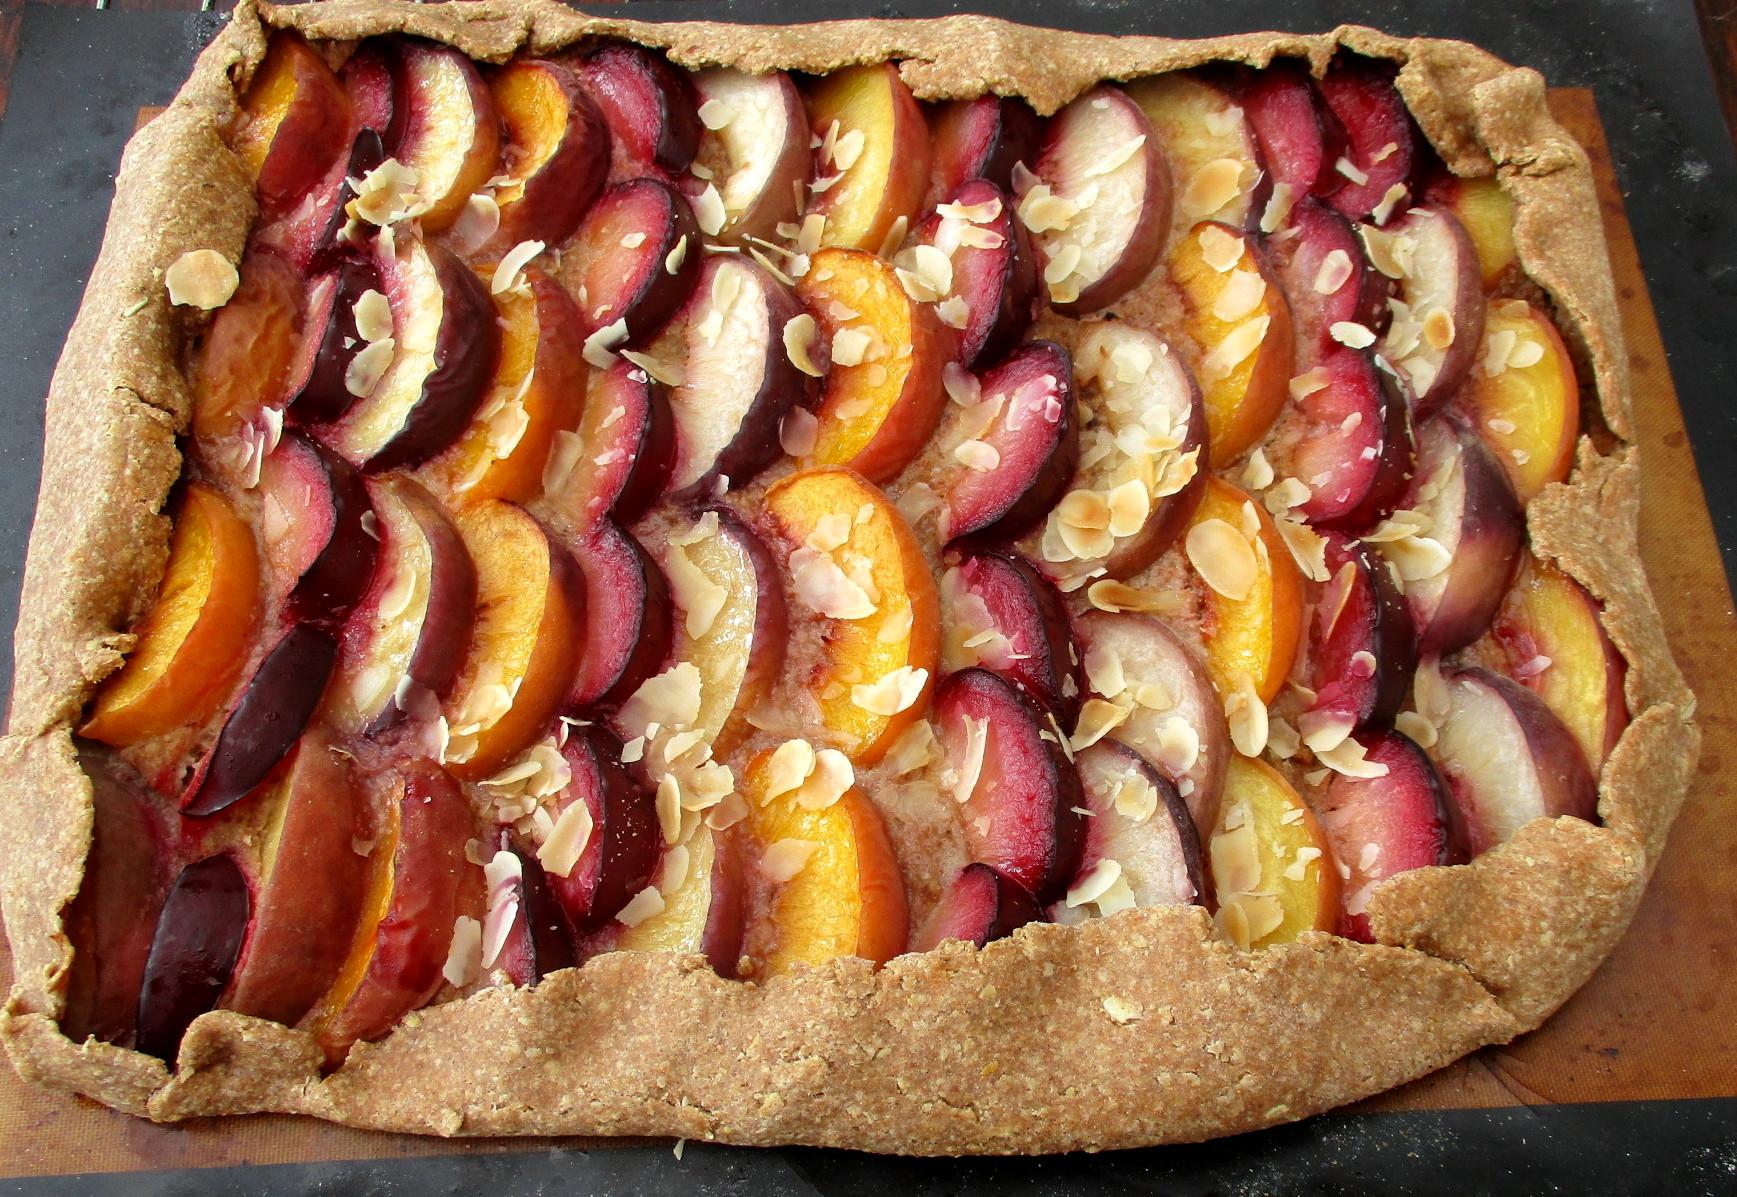 zomergalette vegan veganistisch lactosevrij suikervrij eivrij perzik en pruim gebak